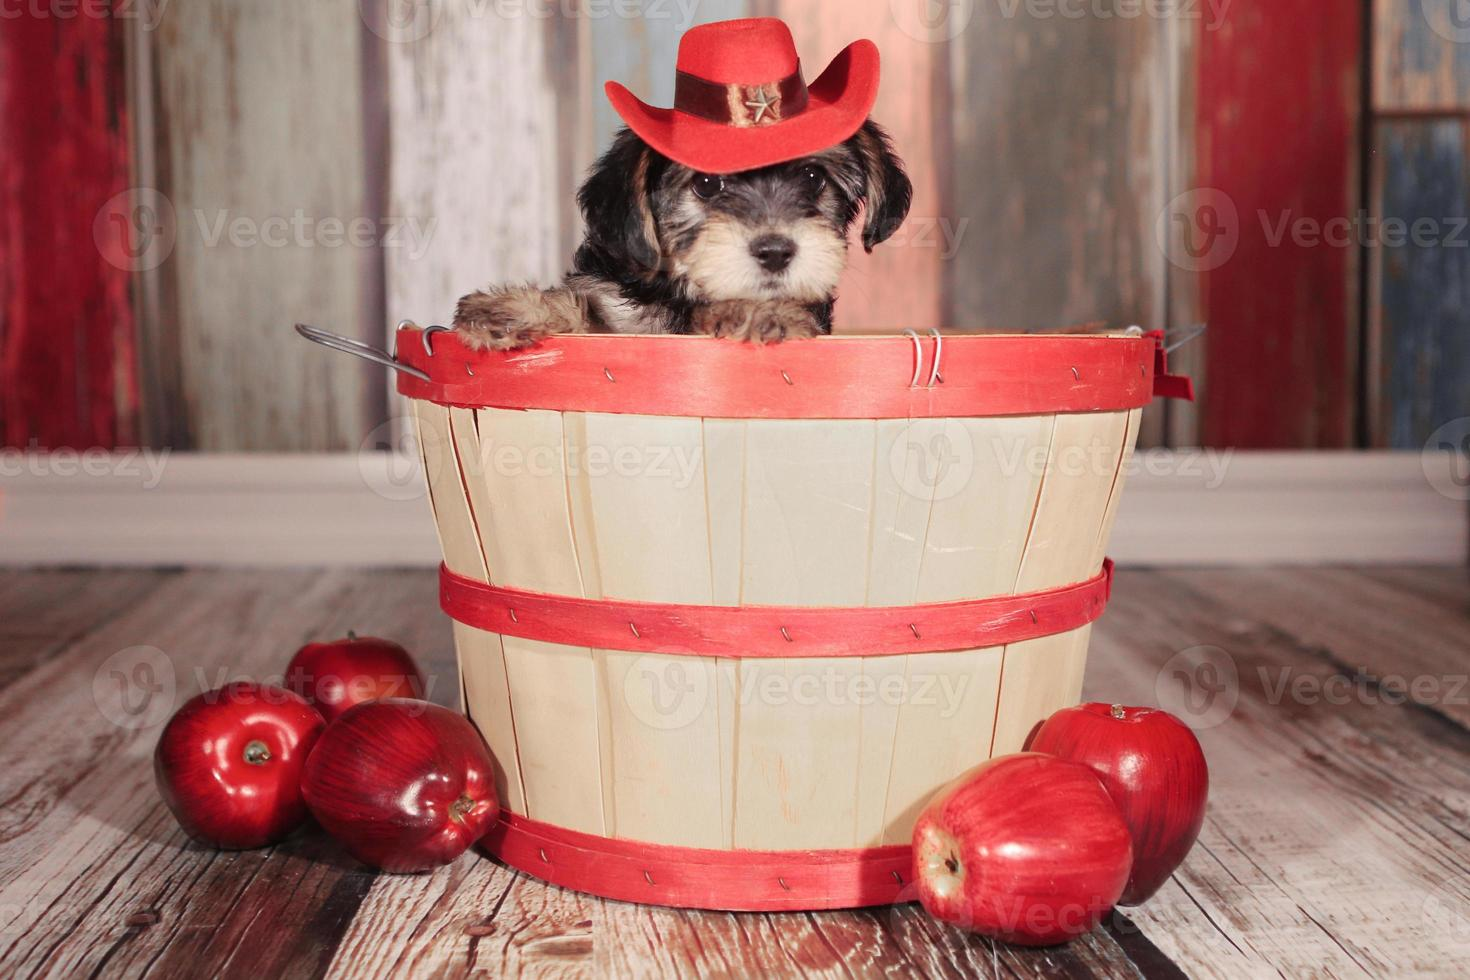 lindo cachorro yorkie taza de té con adorables fondos y accesorios para calendario o tarjetas foto